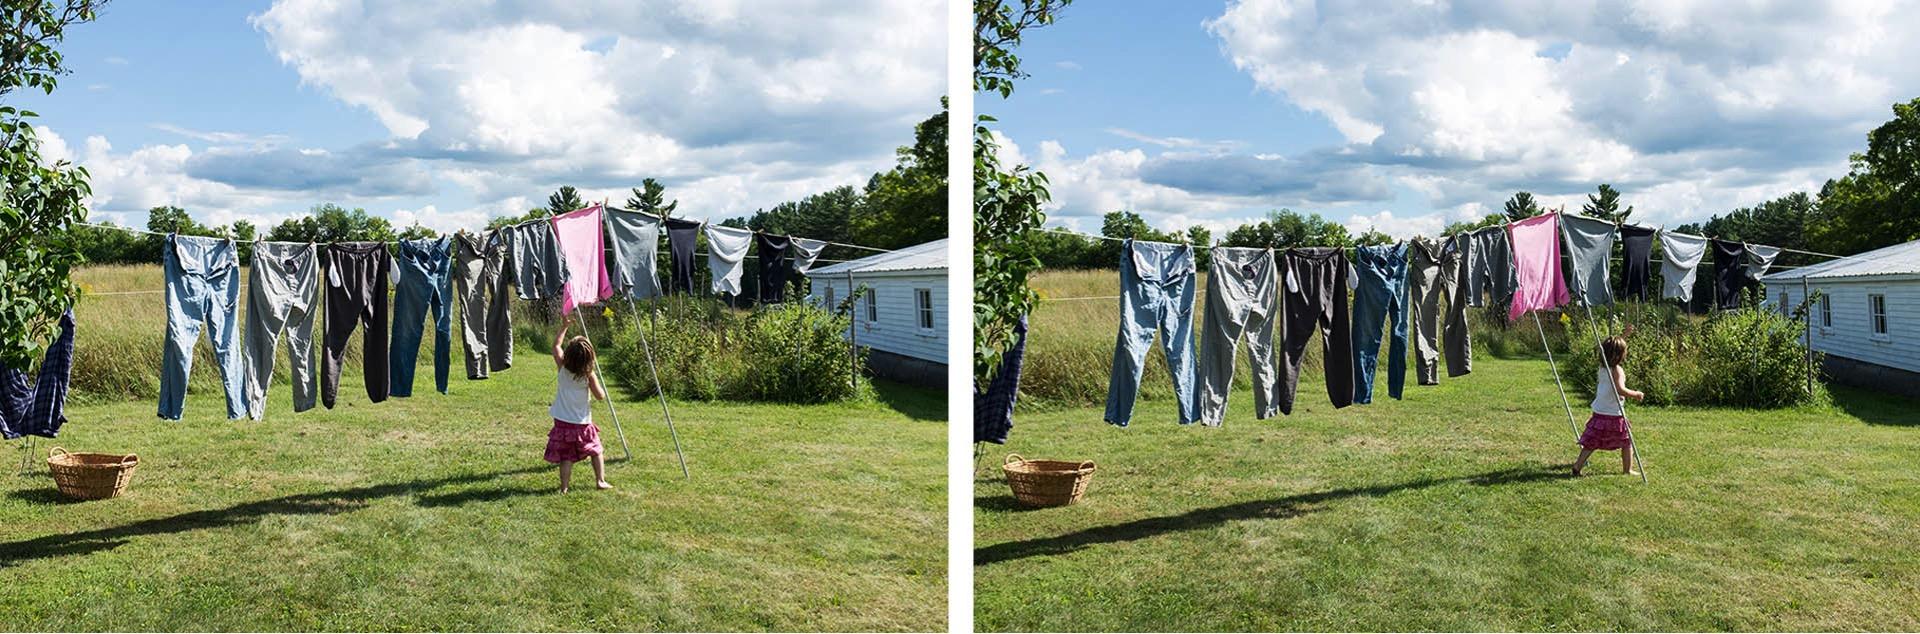 Stereo clothesline